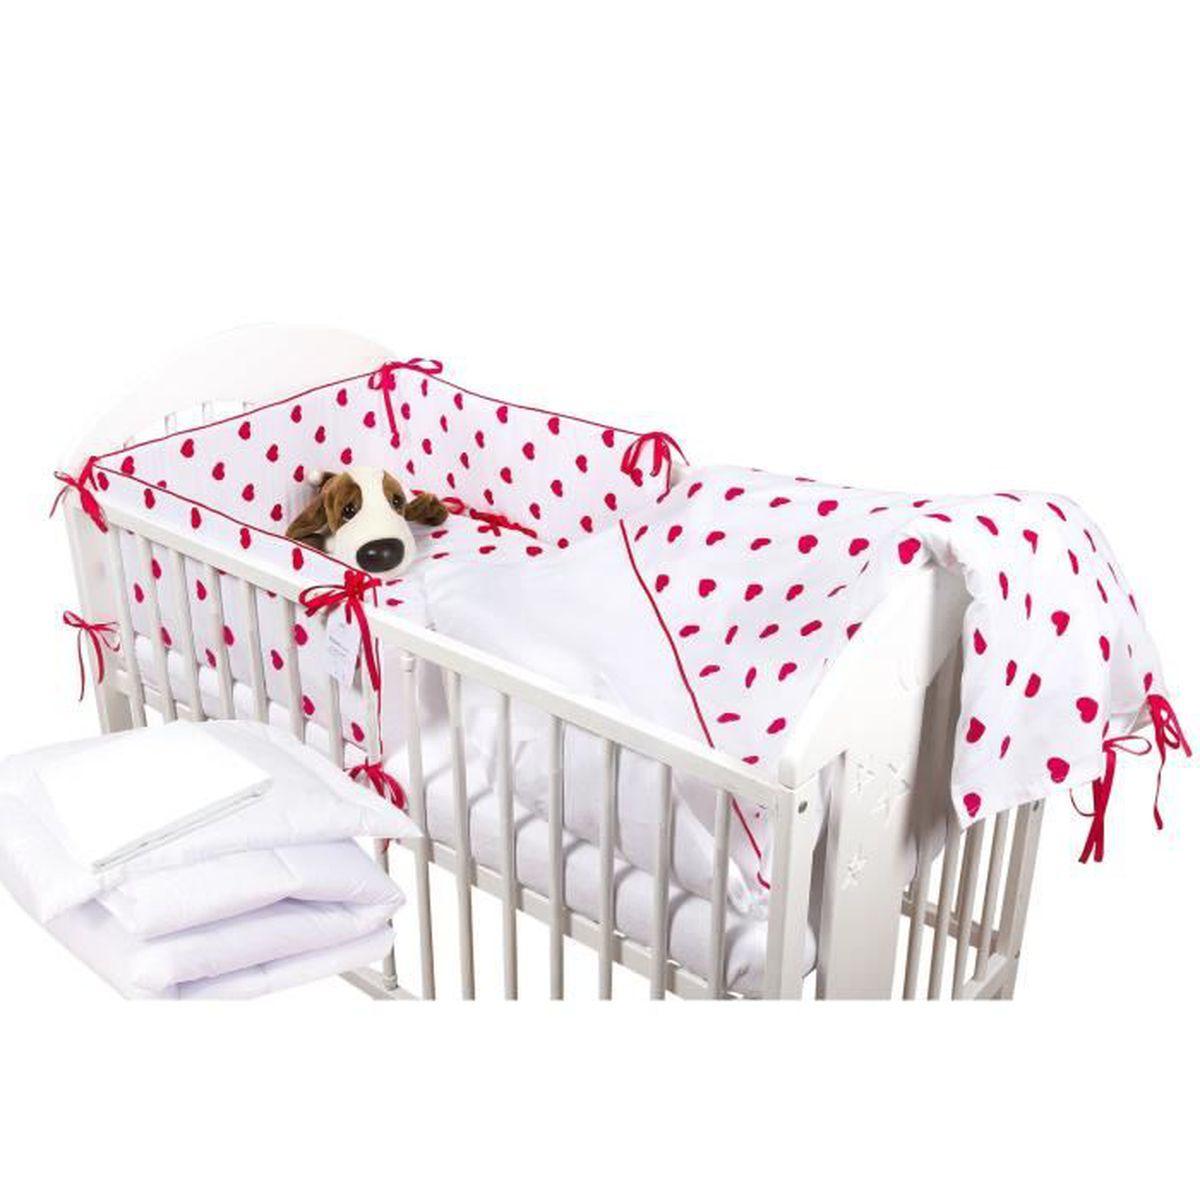 awesome tour de lit bebe rouge et blanc images. Black Bedroom Furniture Sets. Home Design Ideas